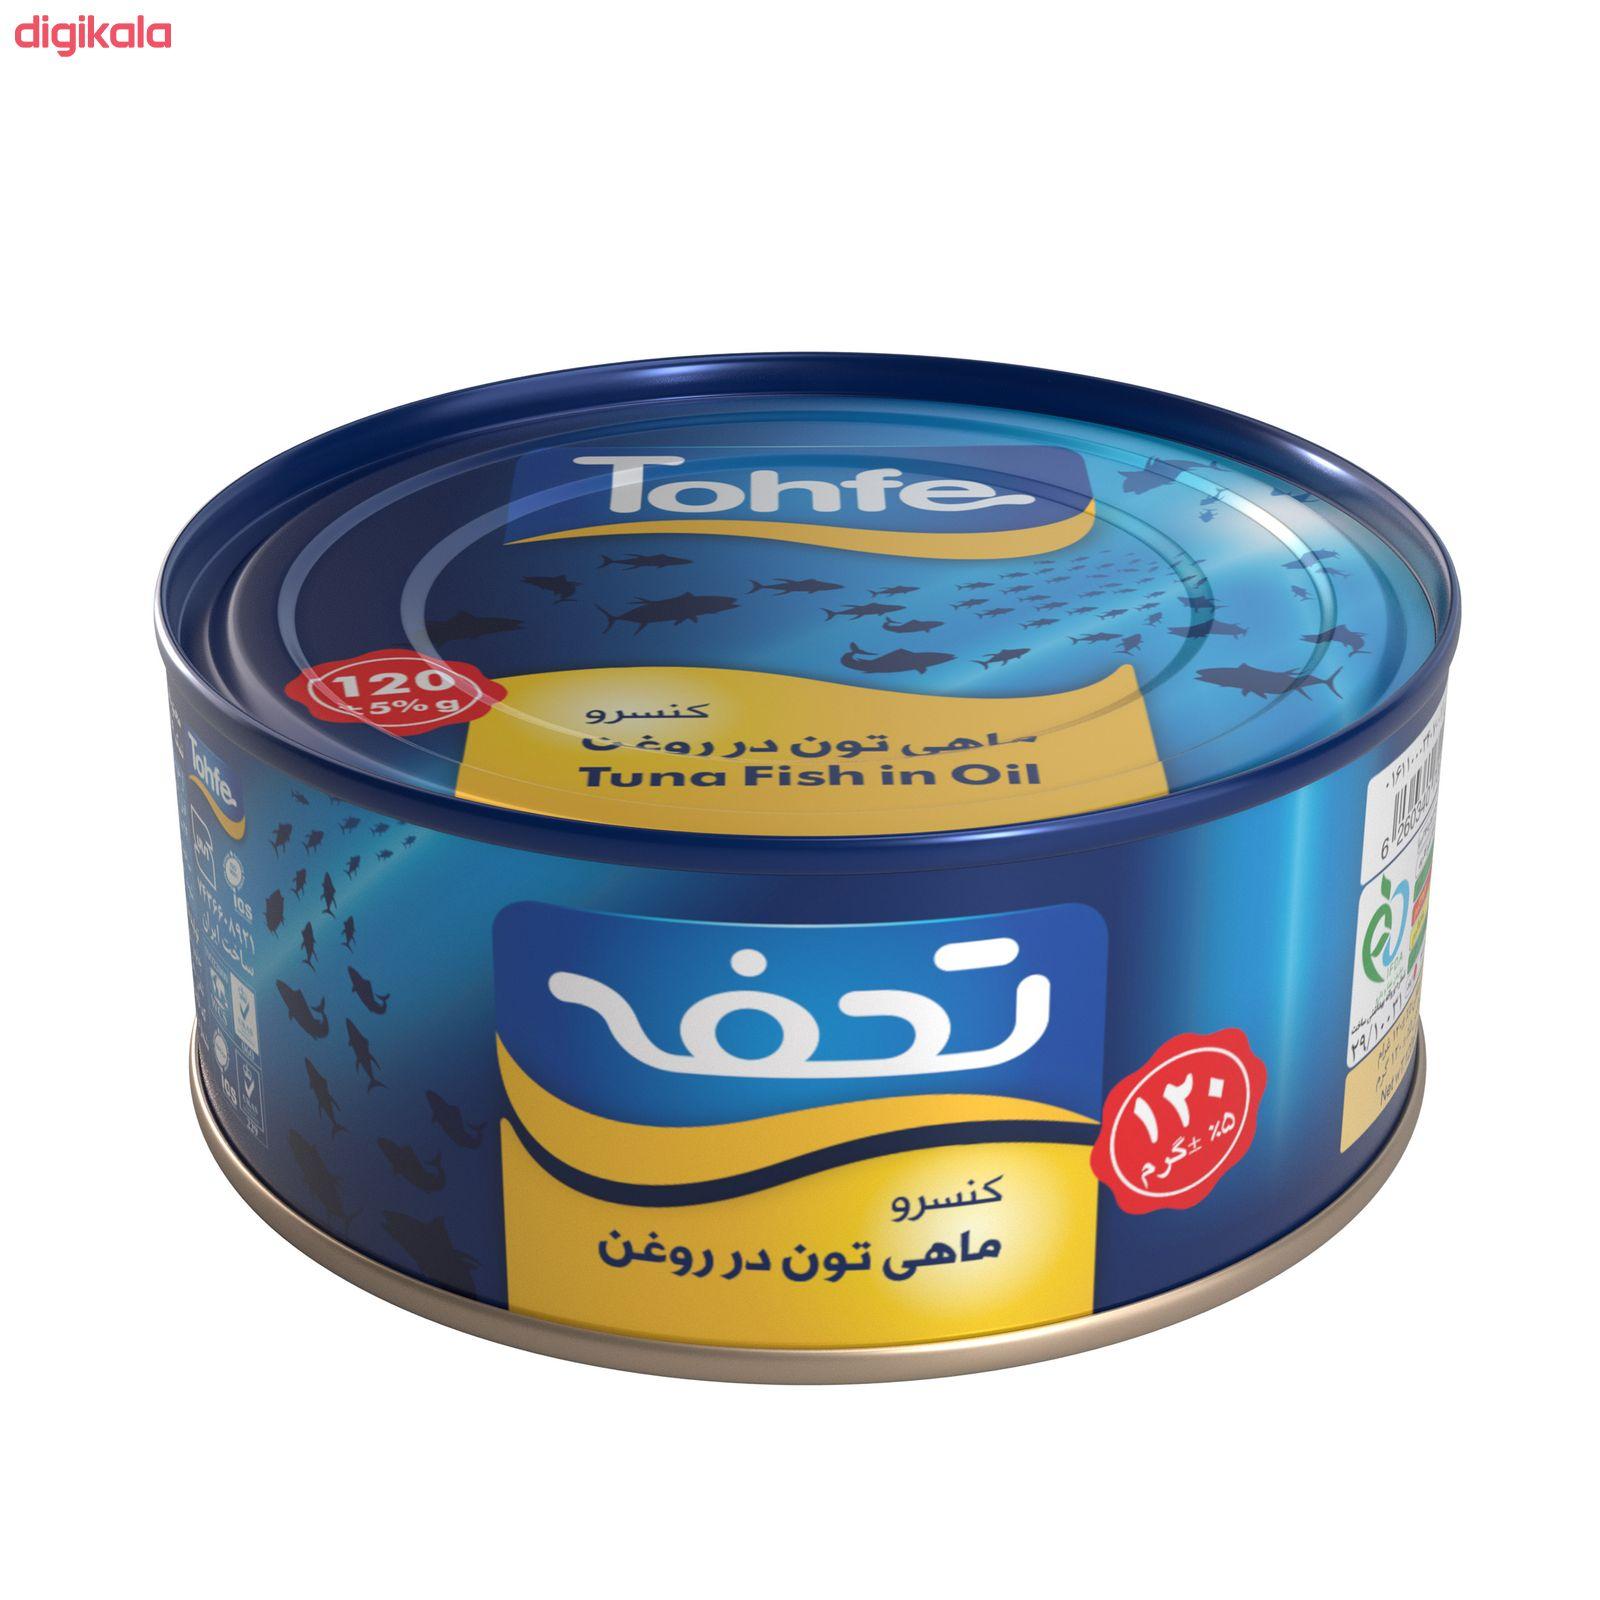 کنسرو ماهی تون در روغن تحفه - 120 گرم main 1 3